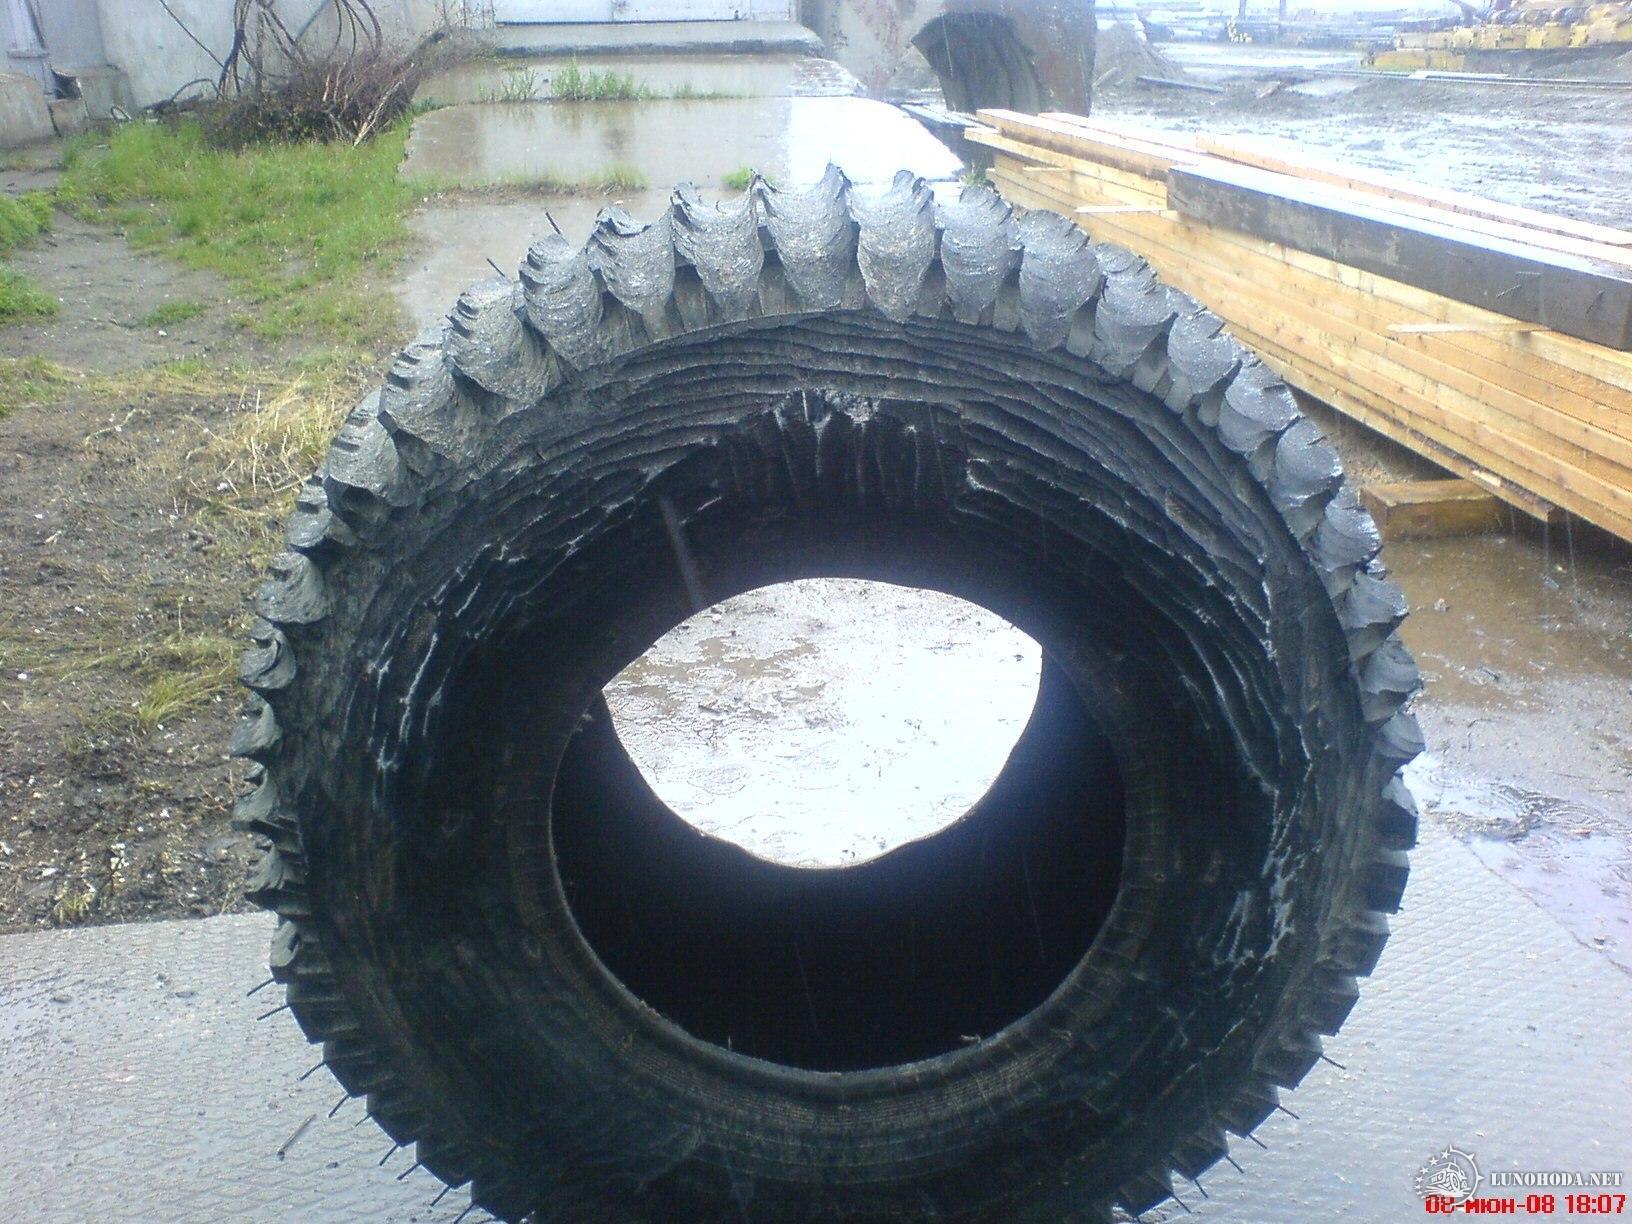 Купить шины низкого давления спб фильтры кувшины для воды купить в спб